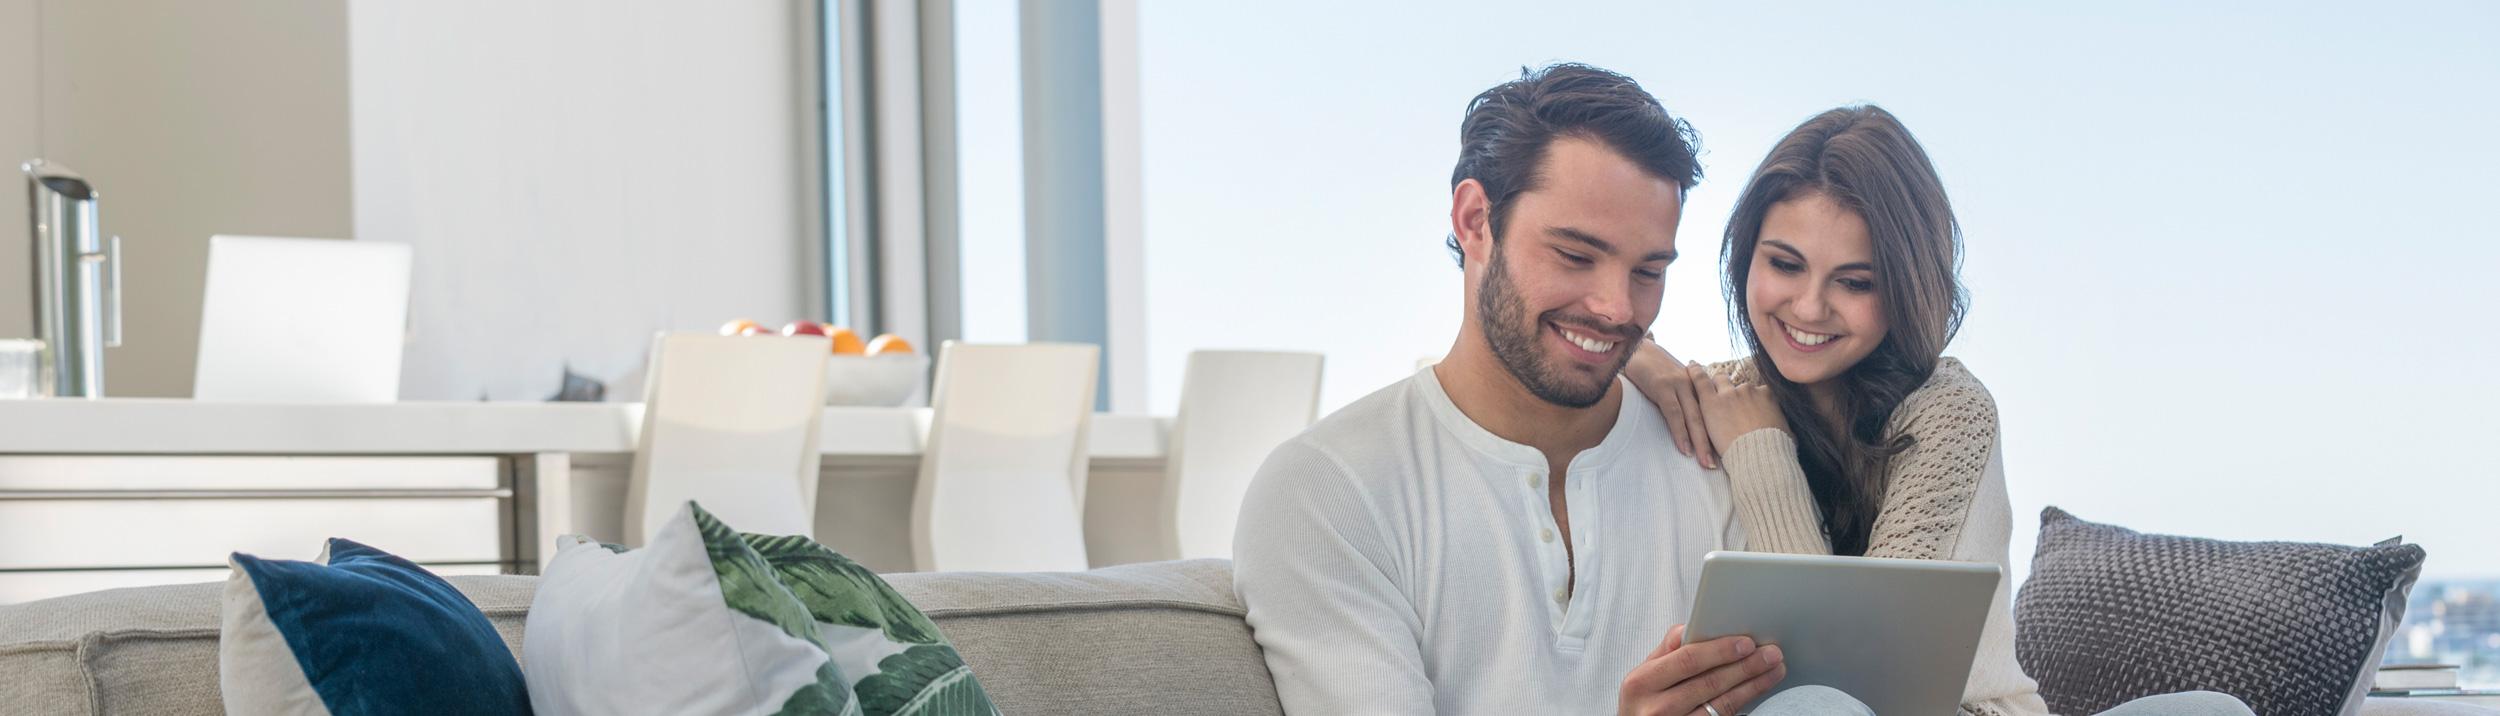 Ein Paar sitzt auf dem Sofa, schaut auf ein Tablett und lächelt. Wohliges Zuhause dank guter Heizung.